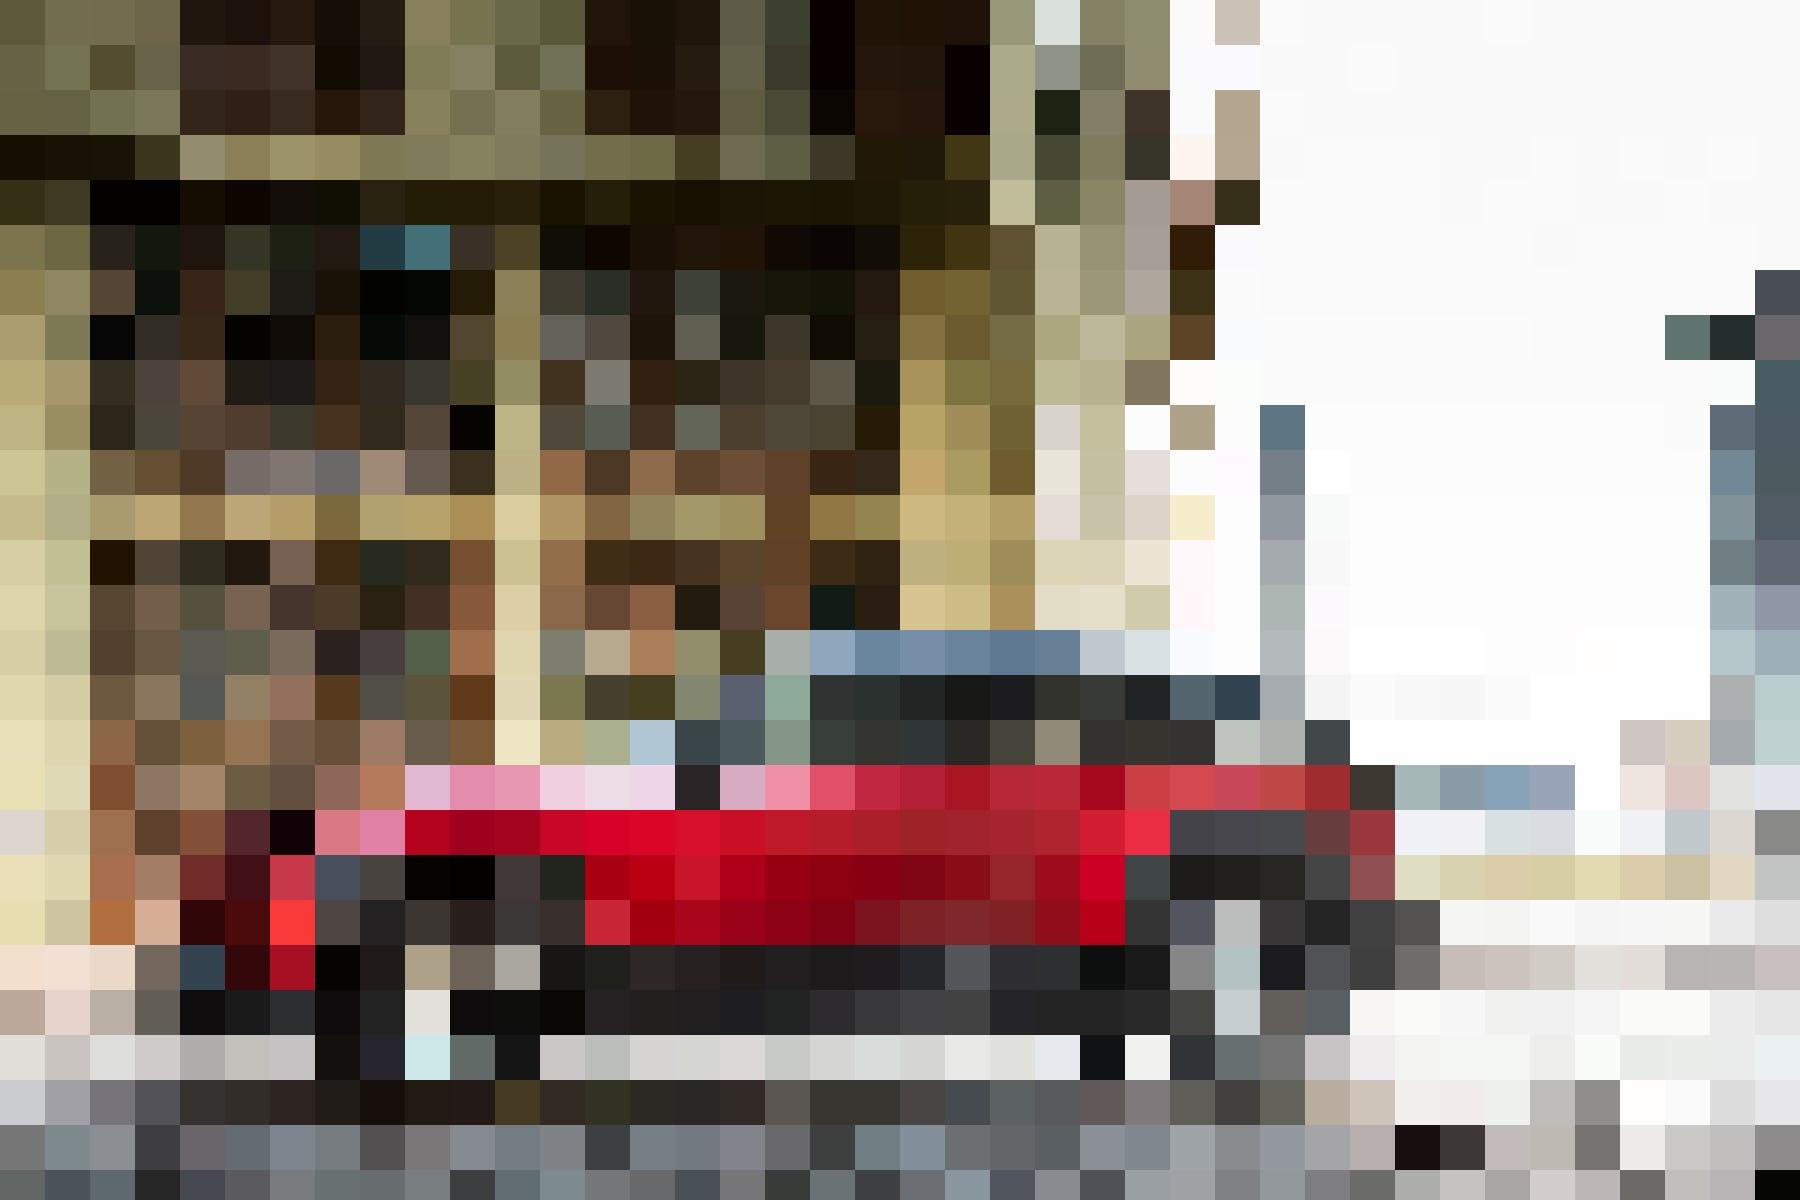 Tout dans la silhouette de ce SUV aux apparences de coupé urbain laisse à deviner aisément la dynamique et la tension caractéristiques d'un félin prêt...